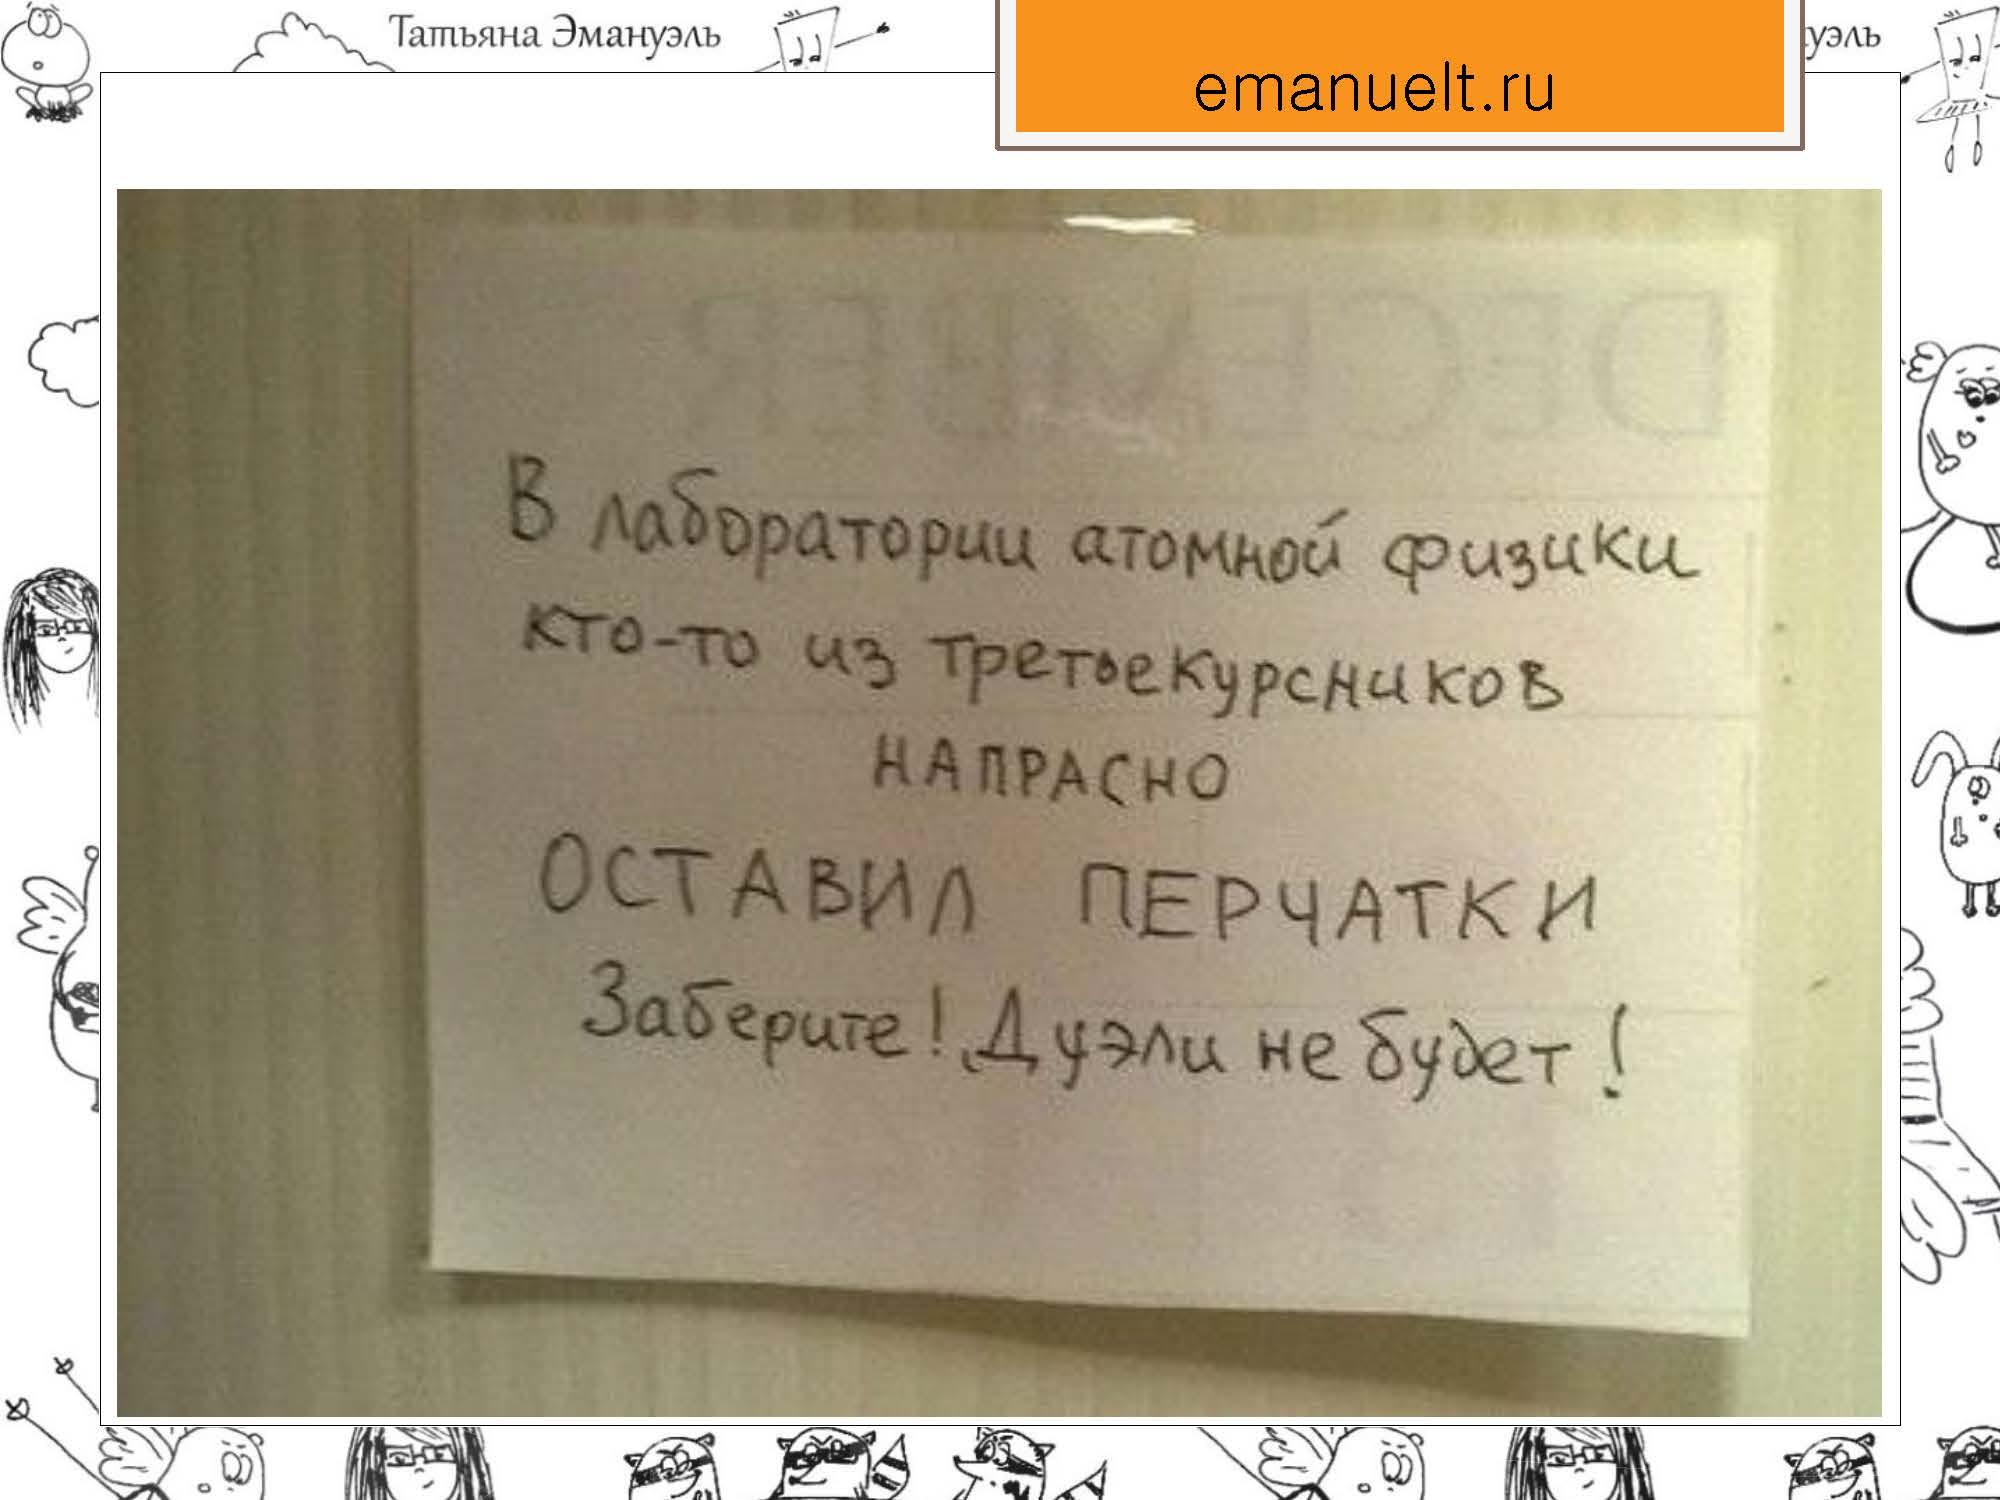 секция 8. Эмануэль Т.С., Московский район_Страница_49